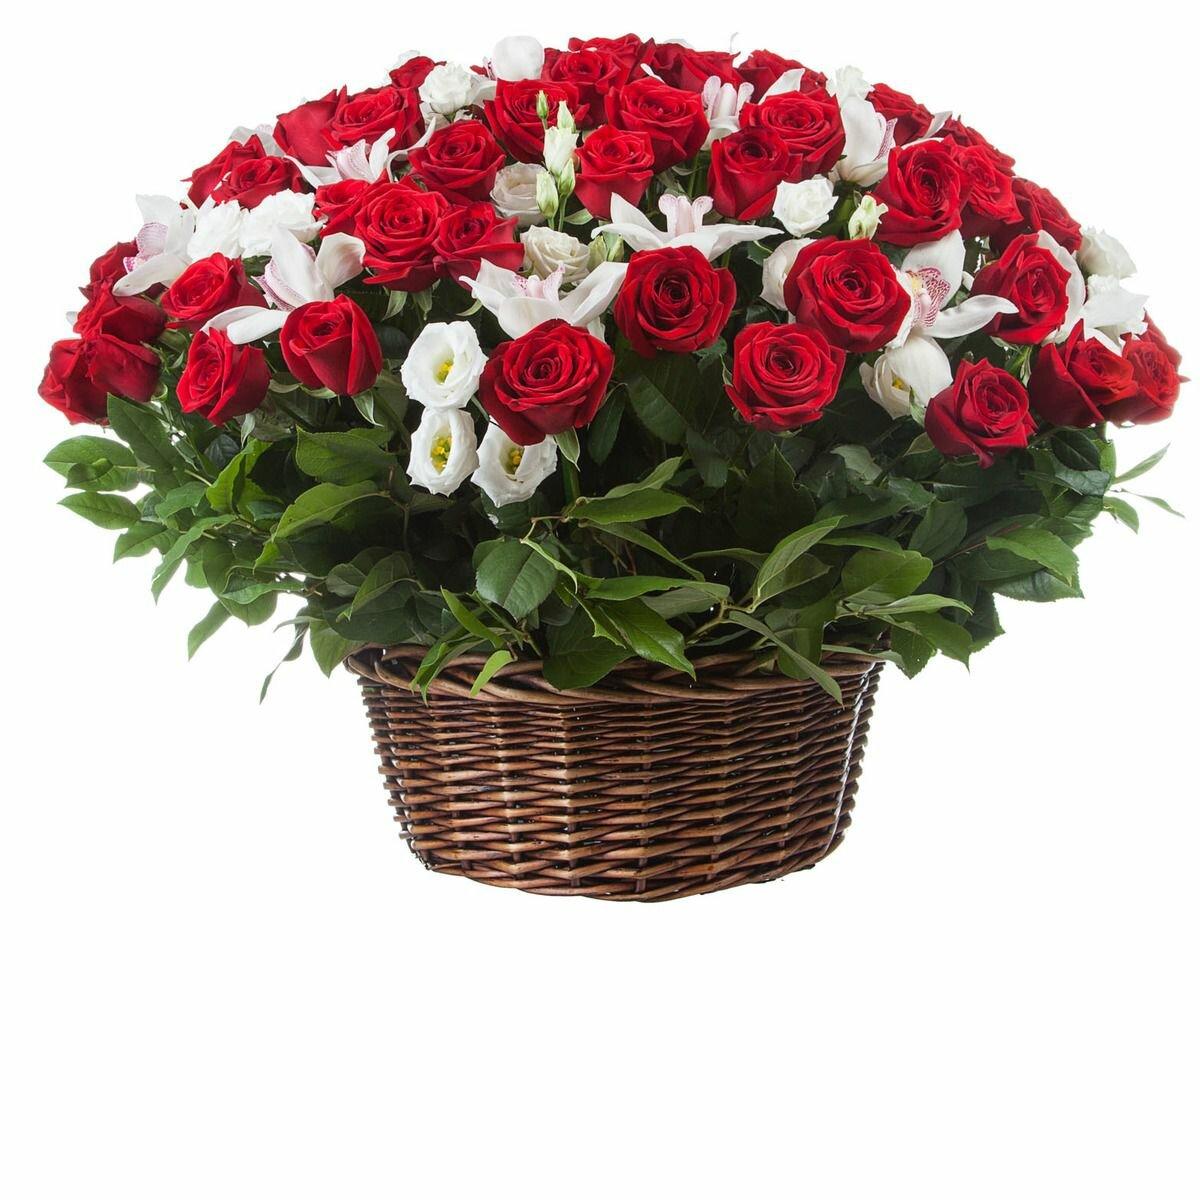 Годовщине, открытки корзина красных роз